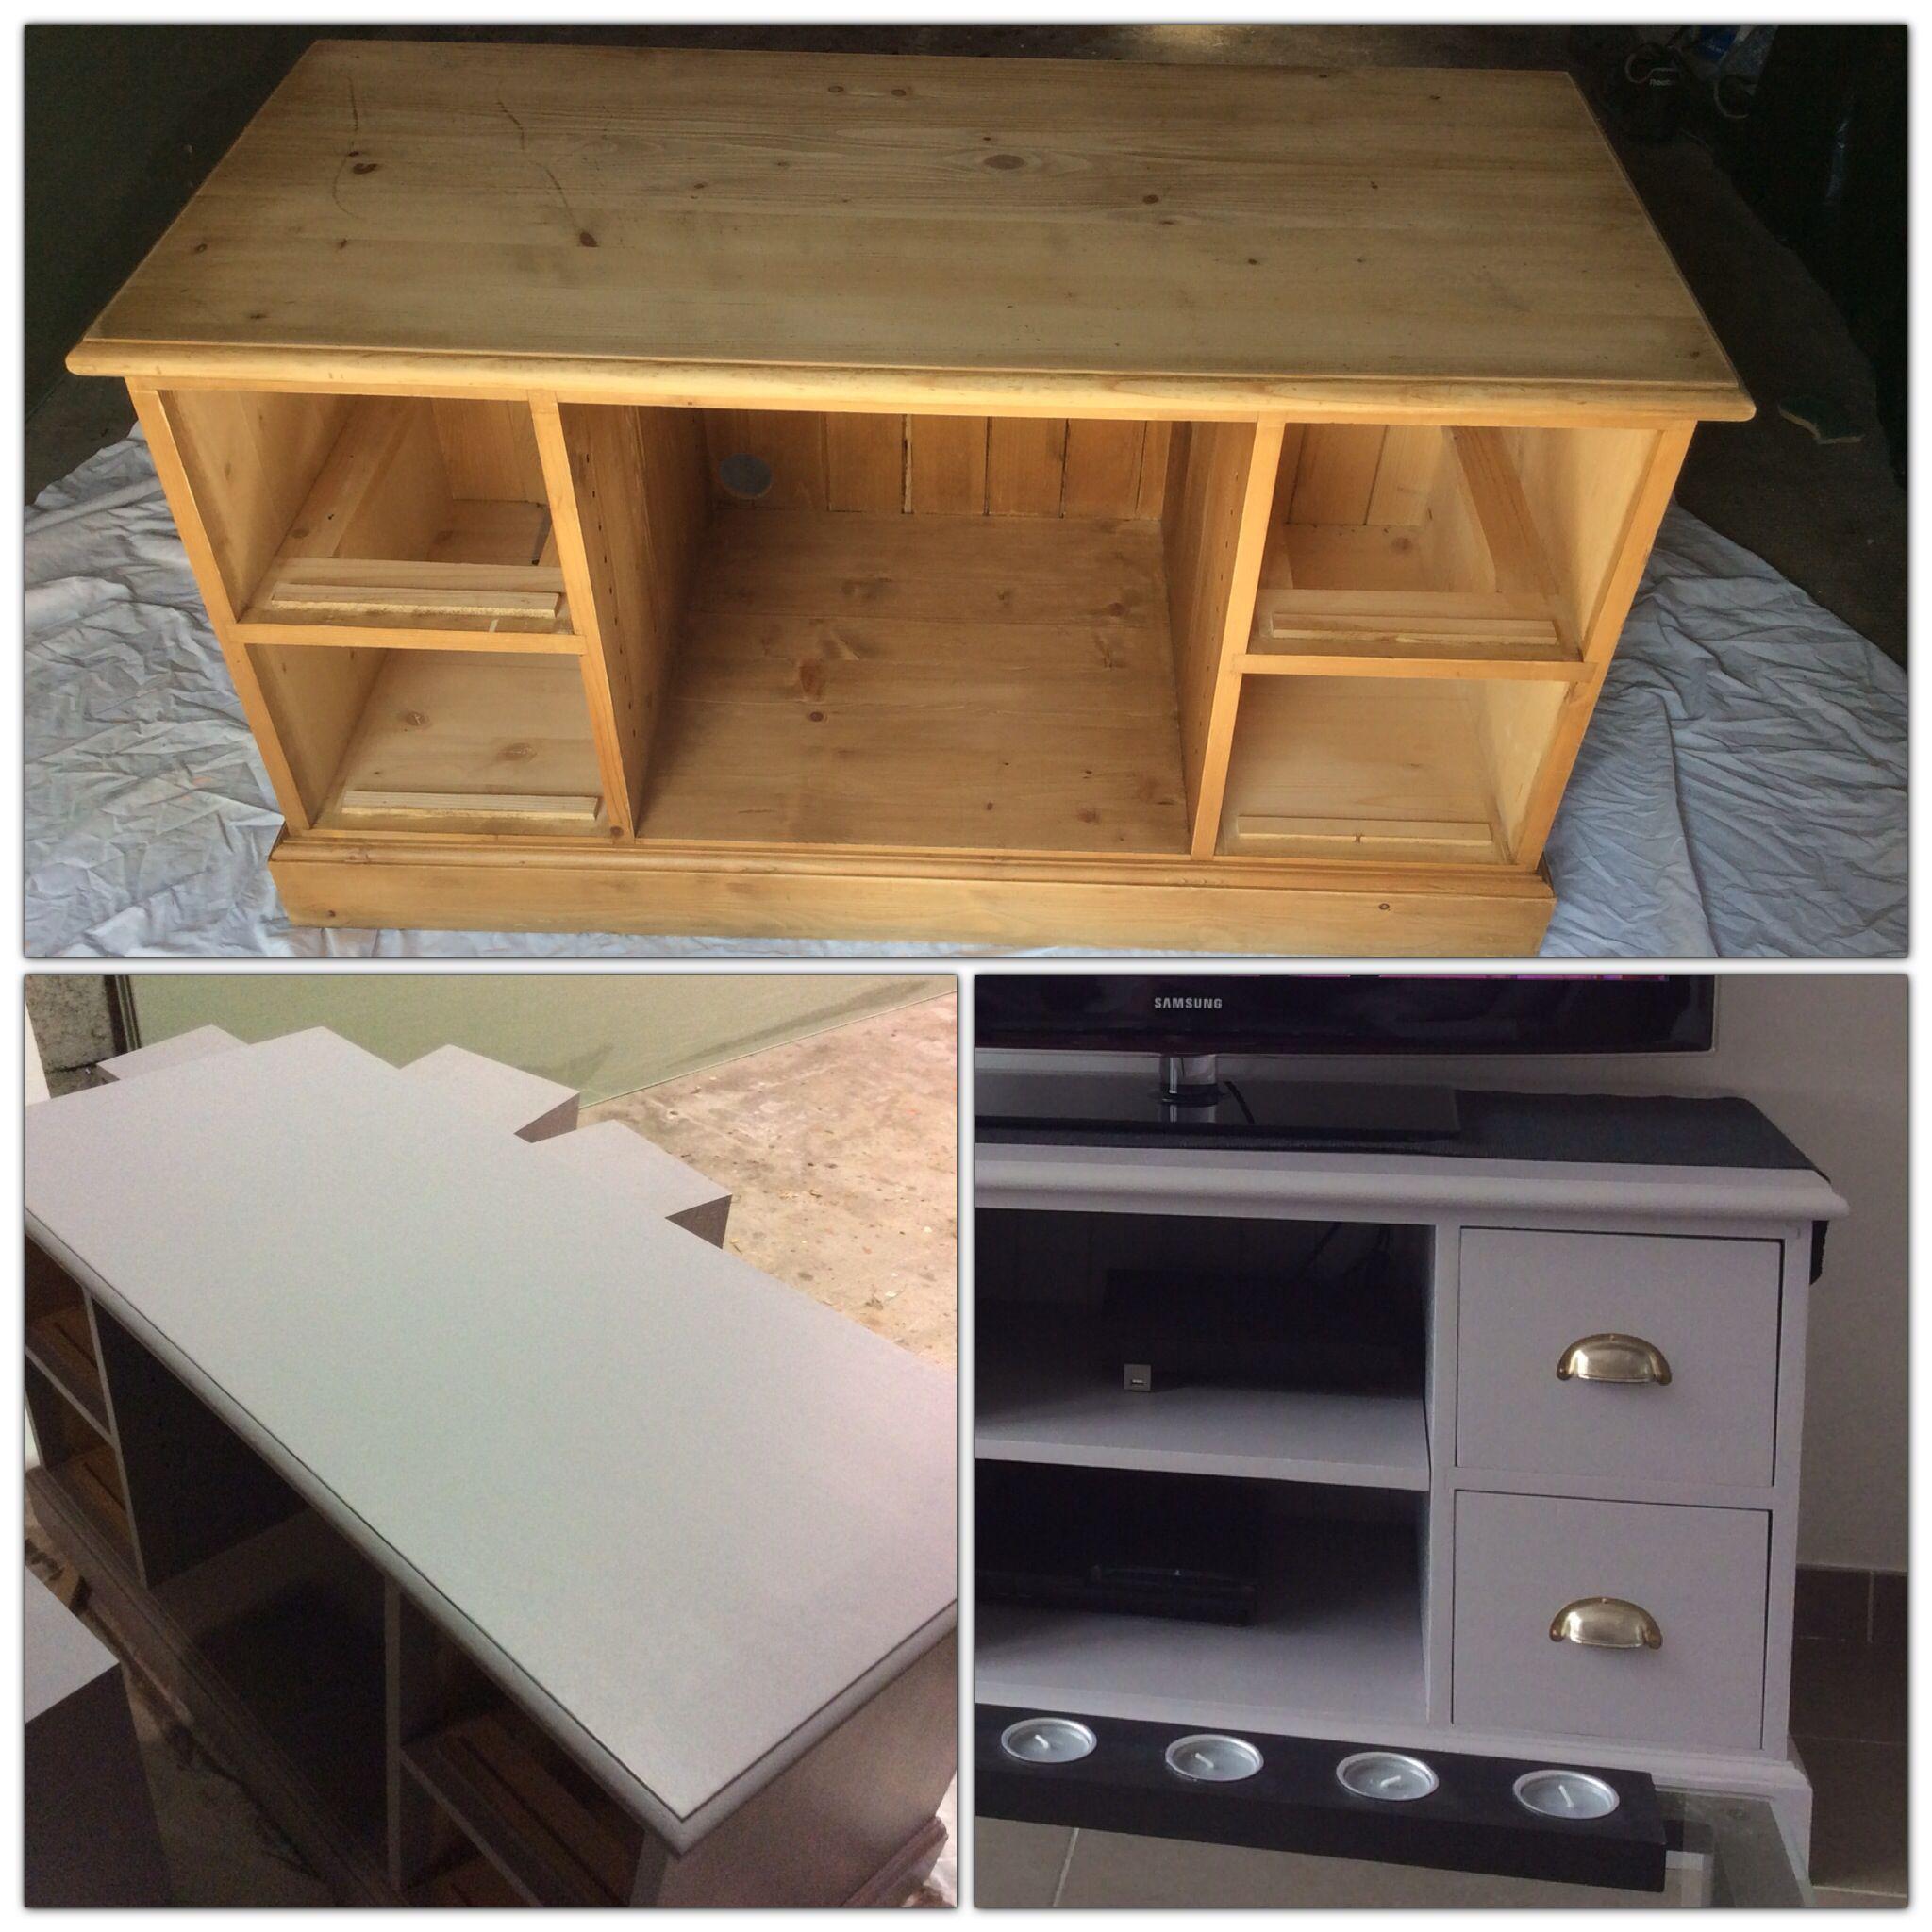 meuble tv en bois ponc et repeint en gris poivr luxens d co meuble mobilier de salon et. Black Bedroom Furniture Sets. Home Design Ideas